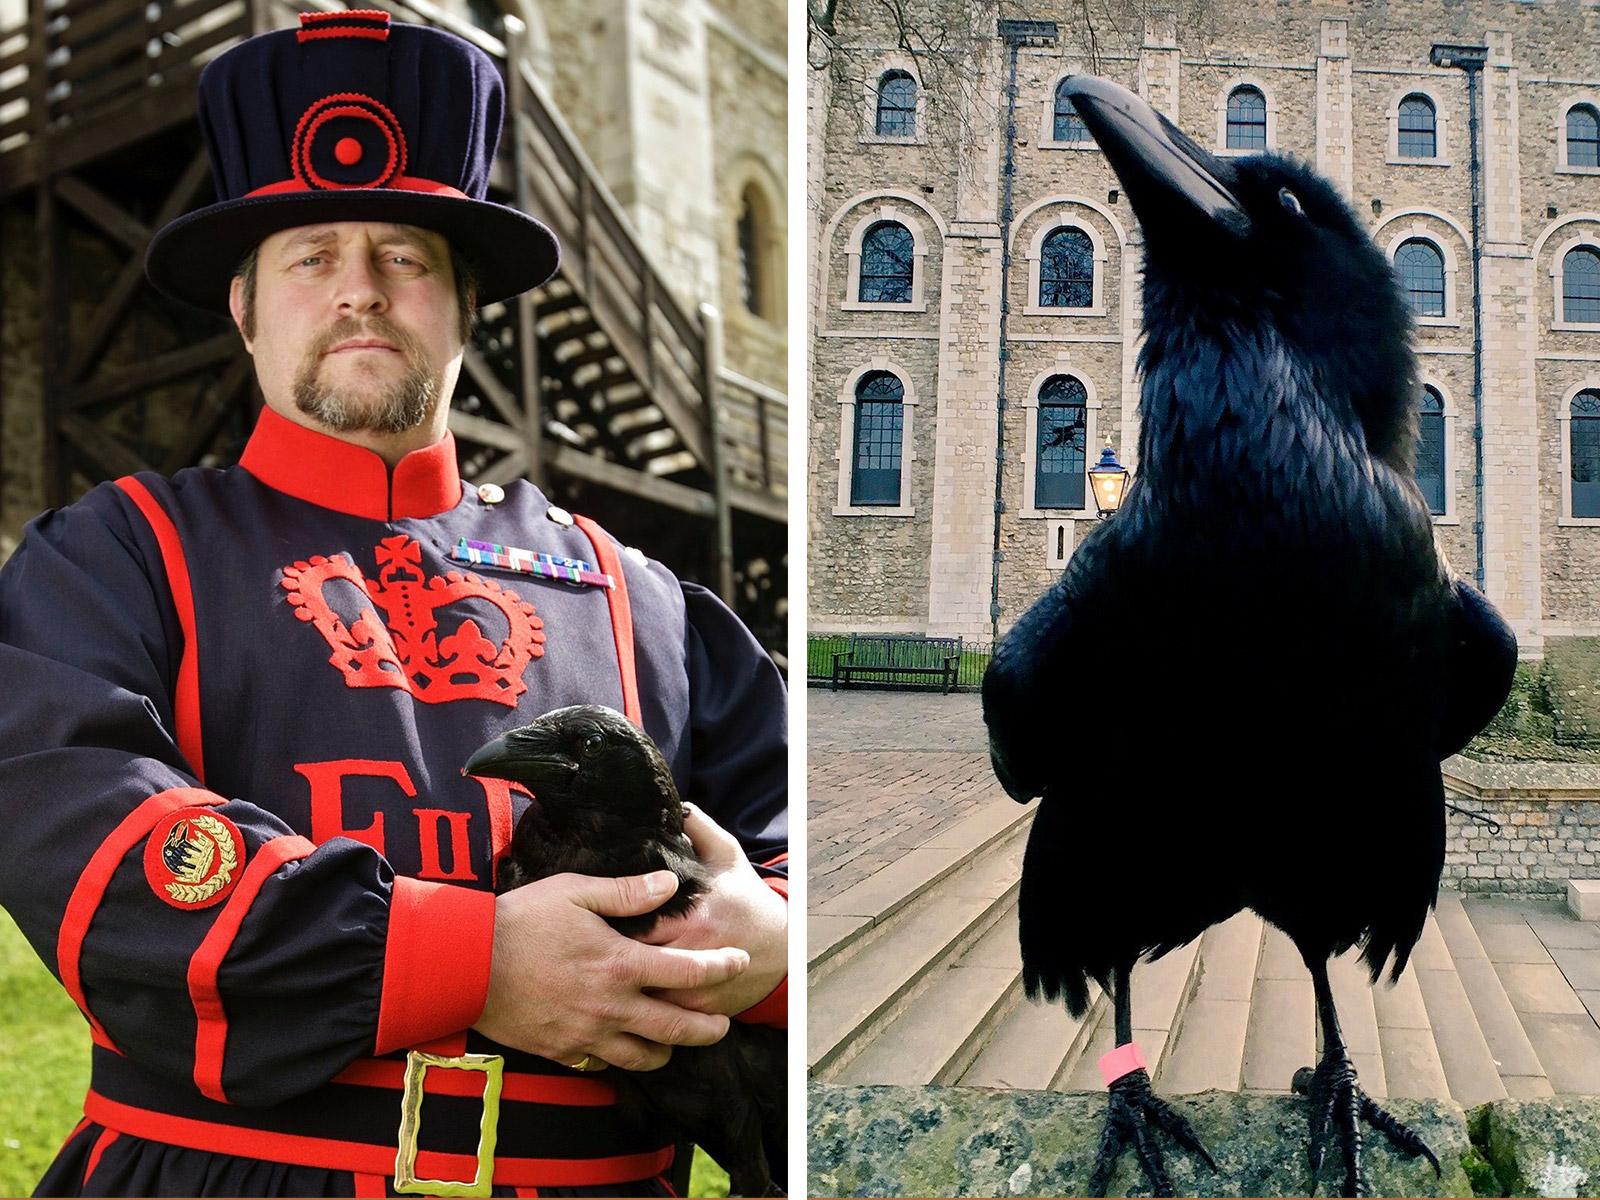 倫敦塔The Tower of London的必看重點有哪些?倫敦塔的可愛吉祥物Raven渡鴉